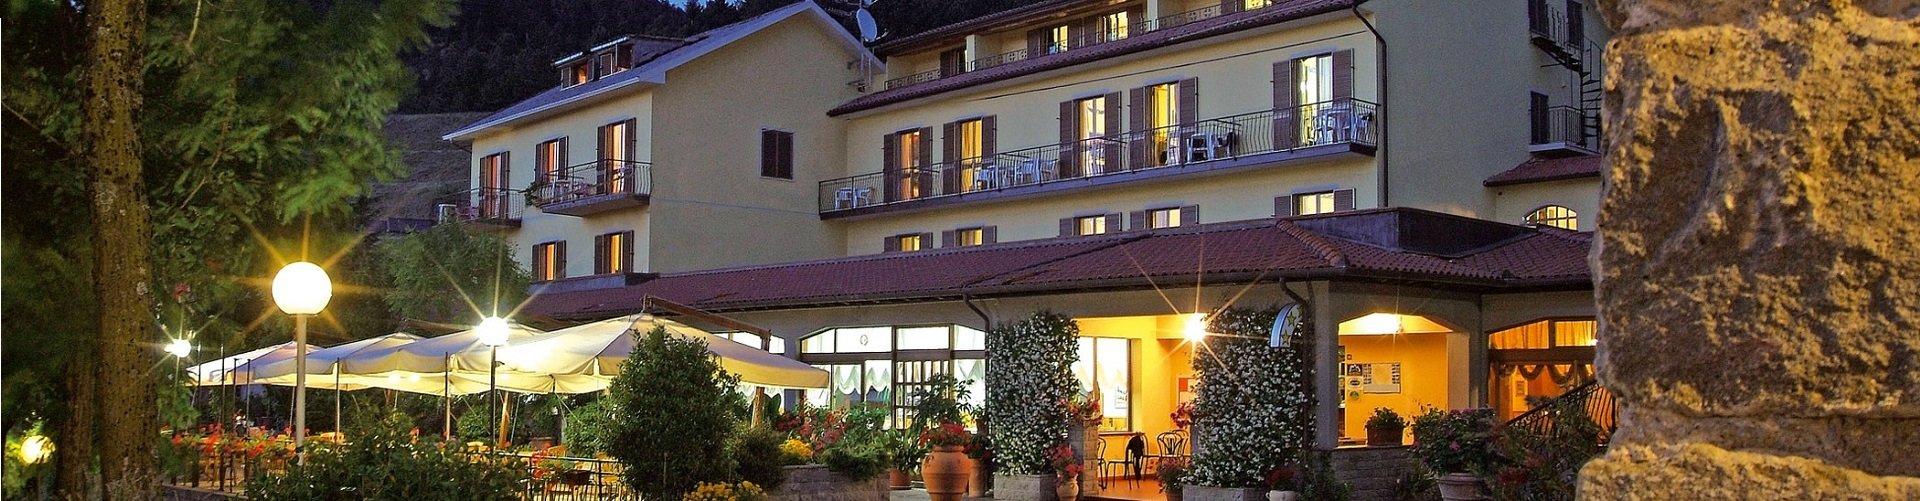 Bannerfoto Hotel Belvedere